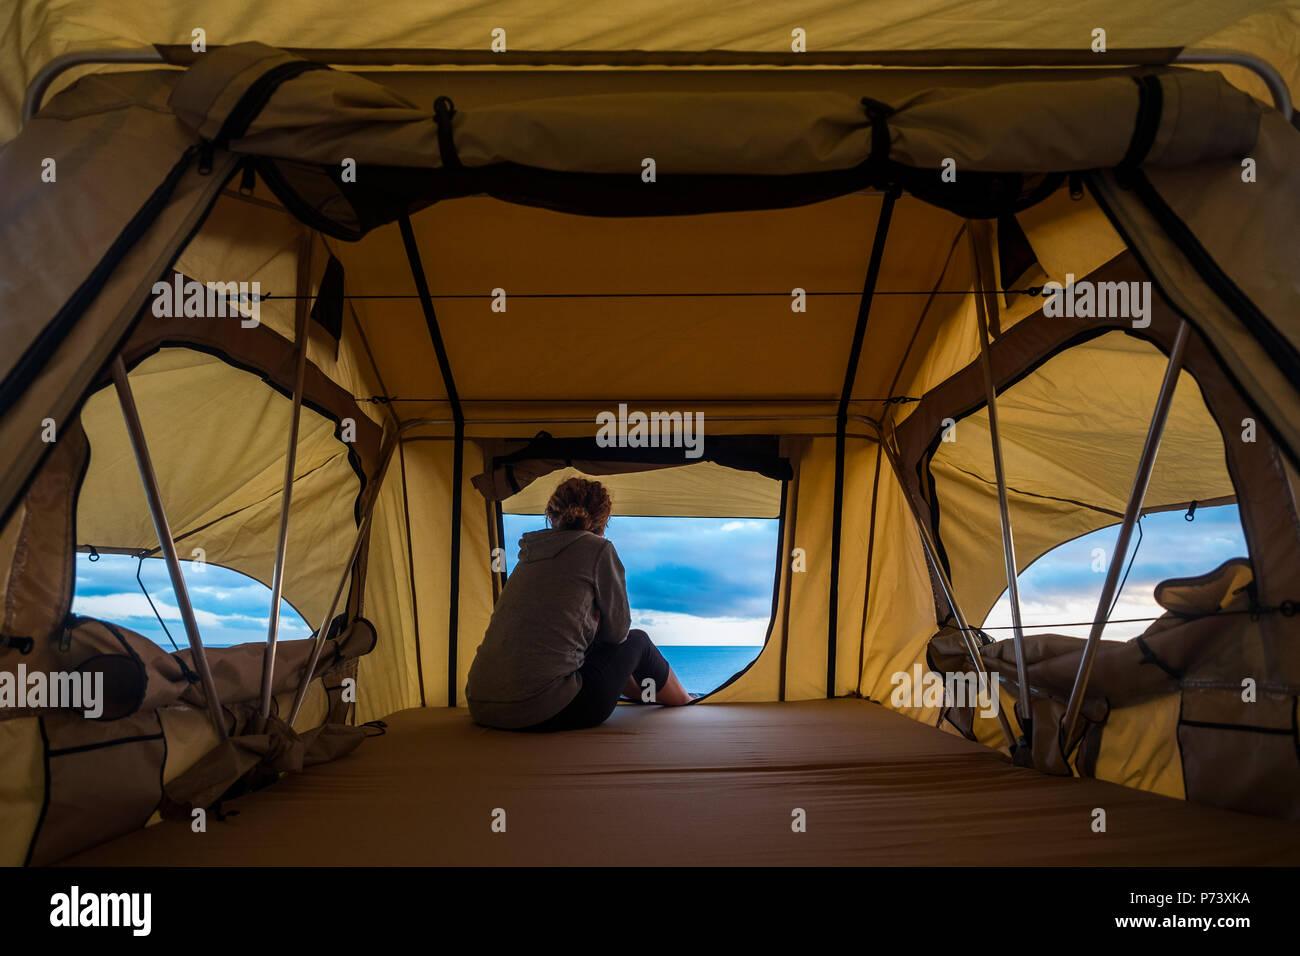 Lonely unabhängigen starken mittleren Alter Frau Gefühl der Natur in einem Dachzelt auf dem Auto. Reisen und Lifestyle Fernweh Konzept für schöne Stockbild